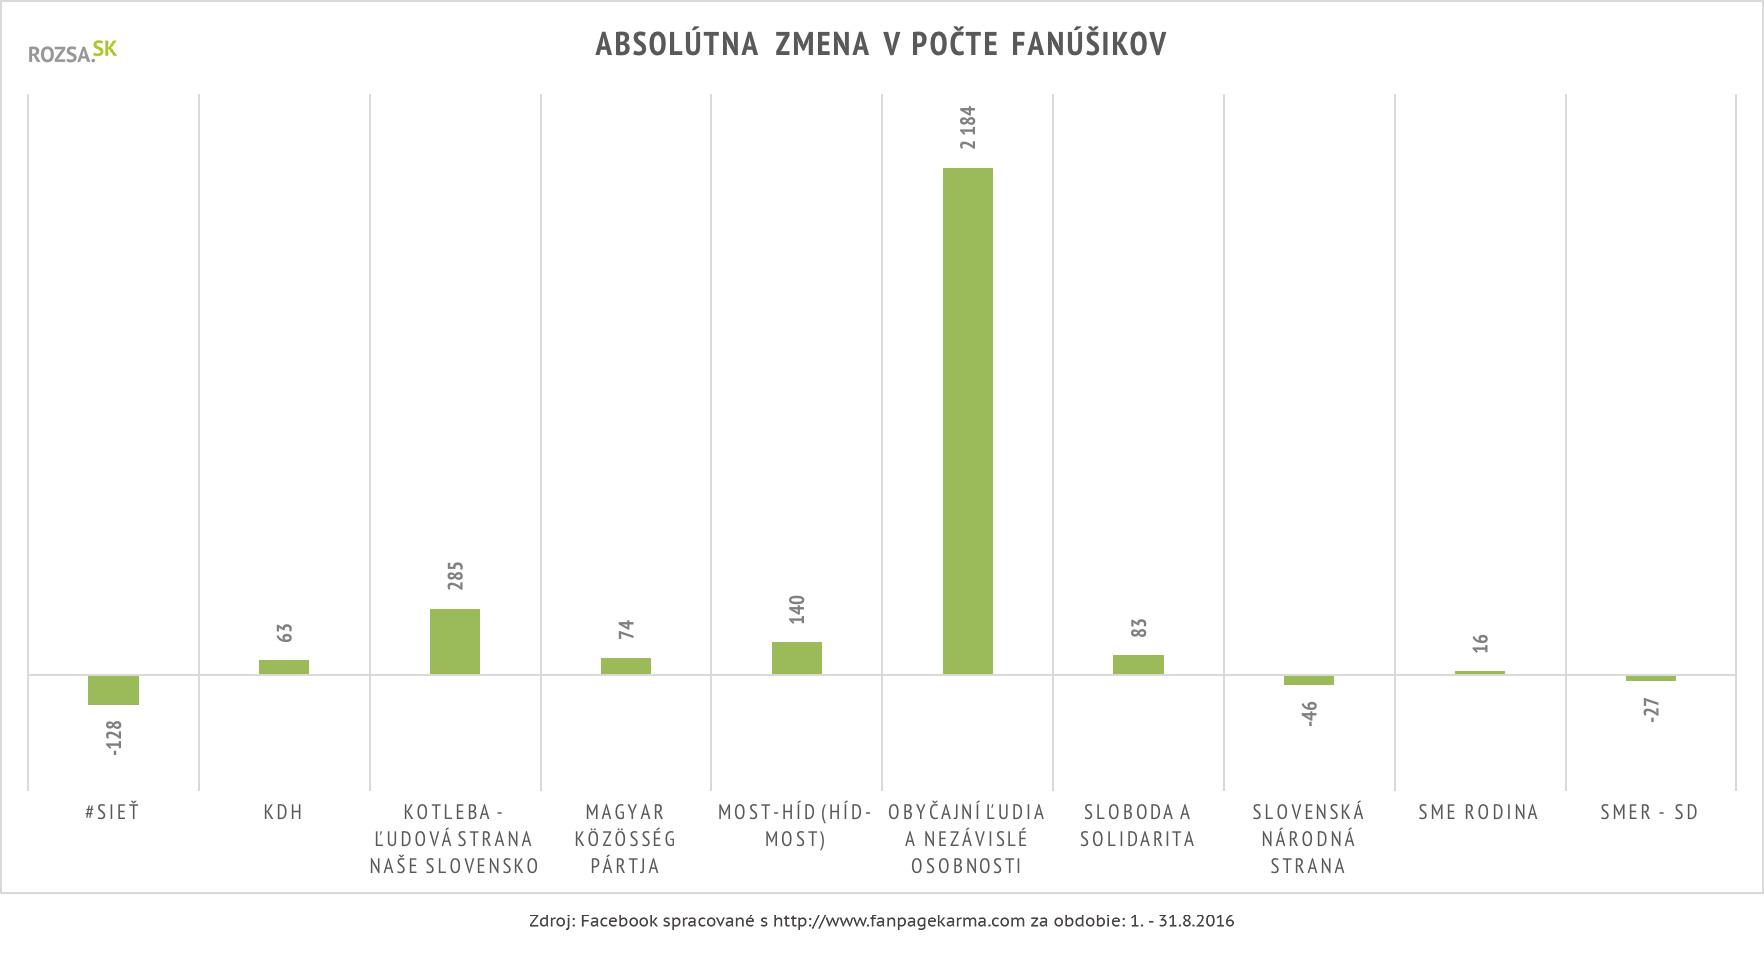 Absolútna zmena v počte fanúšikov, politické strany, Facebook, august, 2016